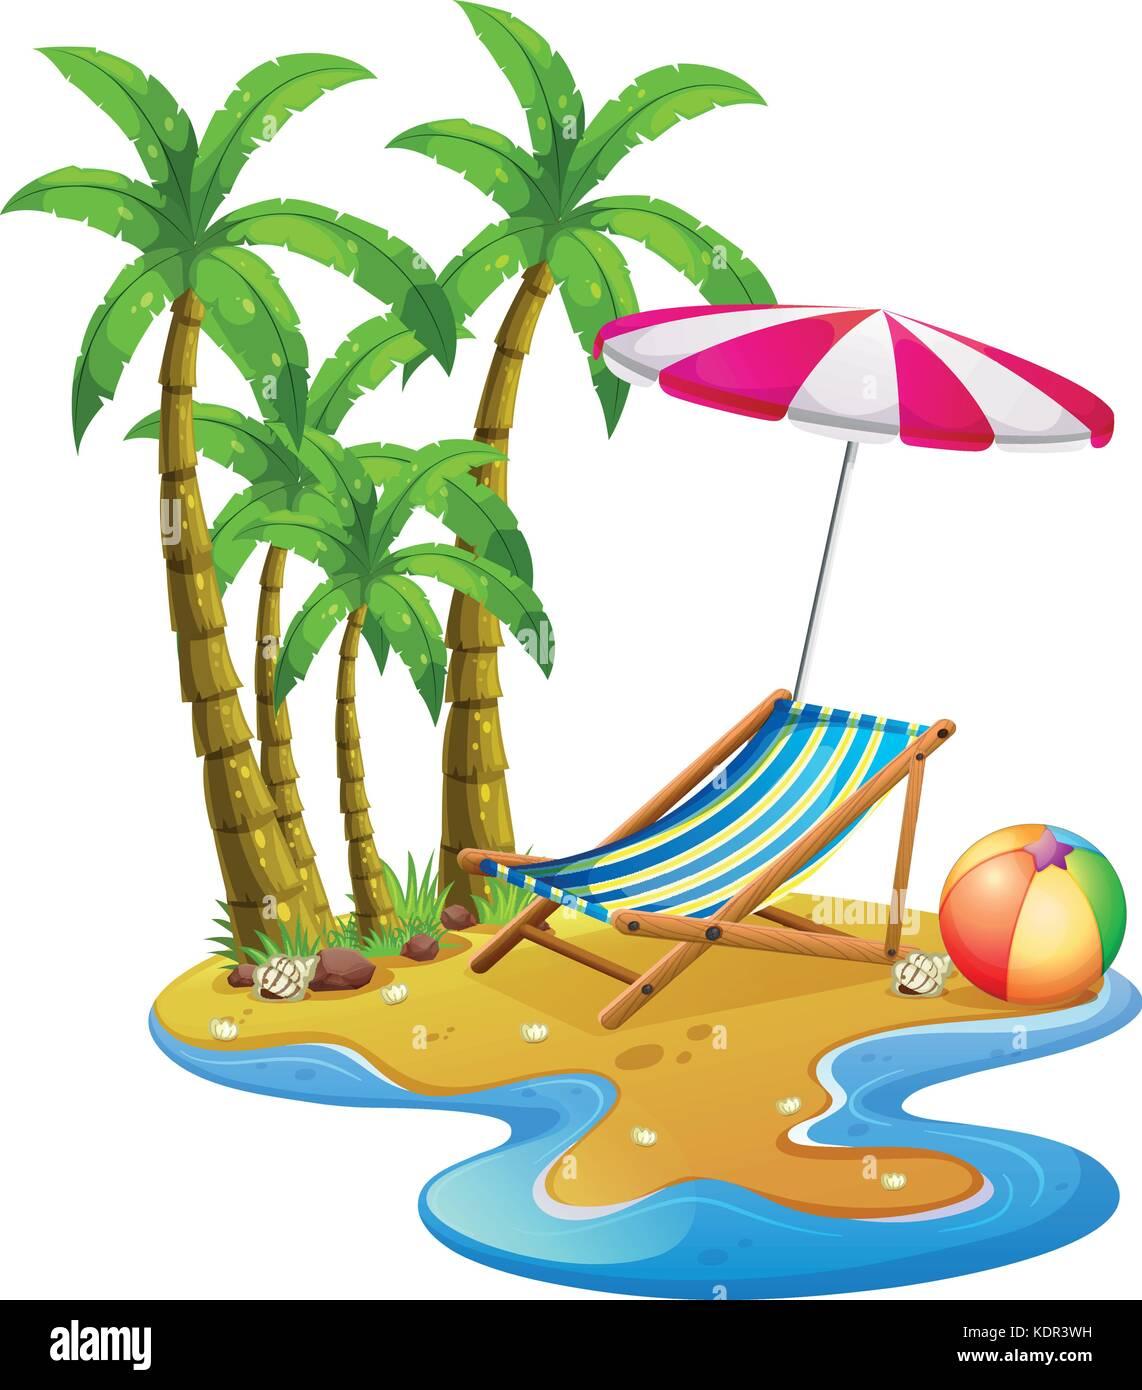 Disegni Di Spiaggia E Ombrelloni.Scena Di Spiaggia Con Sdraio E Ombrelloni Illustrazione